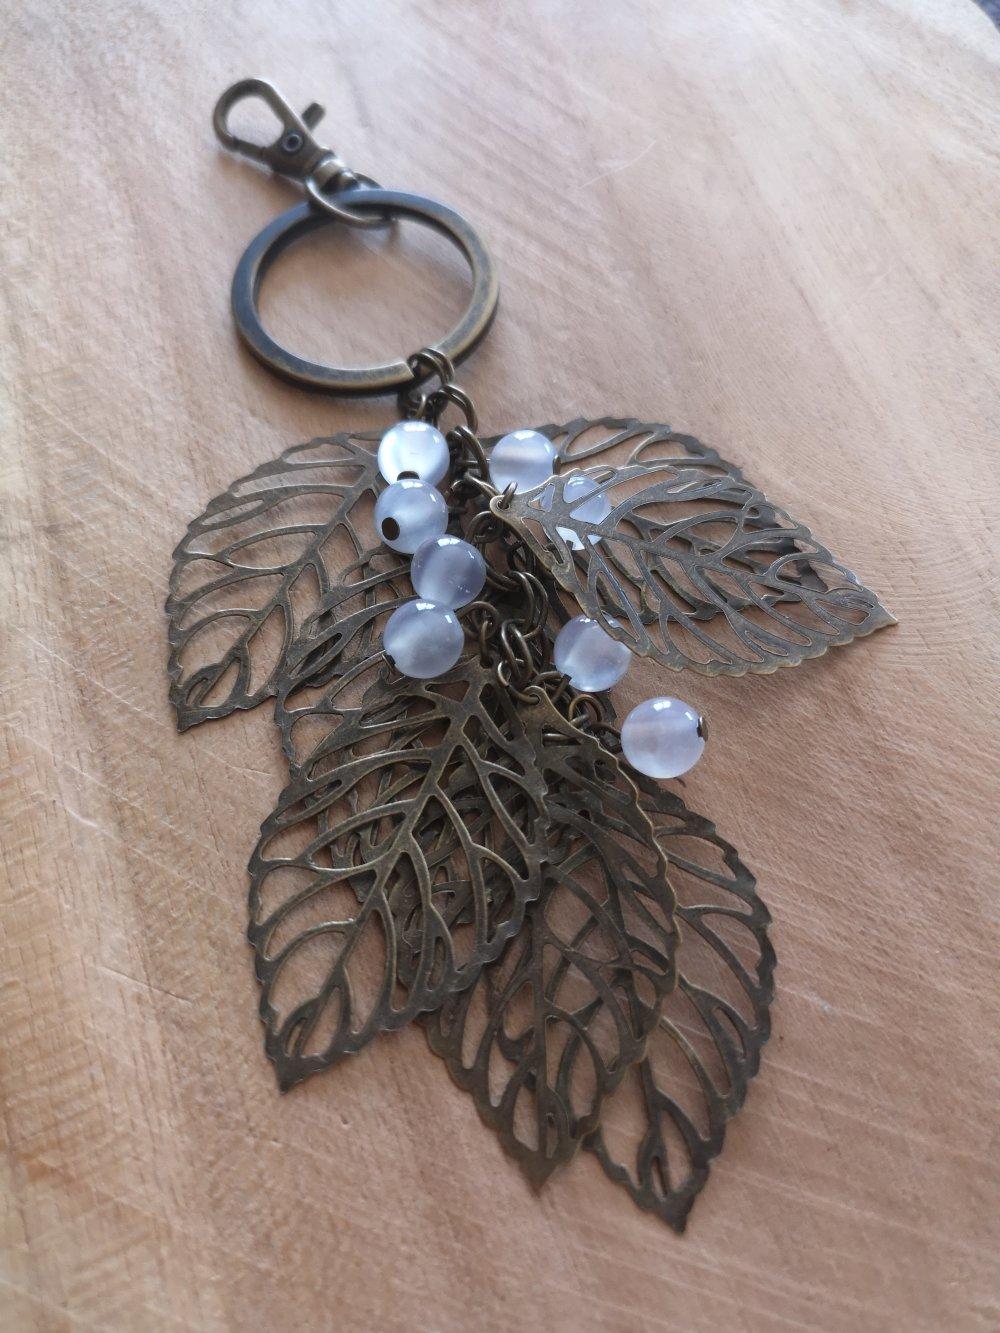 bijoux de sac/ Porte clés thème feuilles bronze et perles oeil de chat blanc